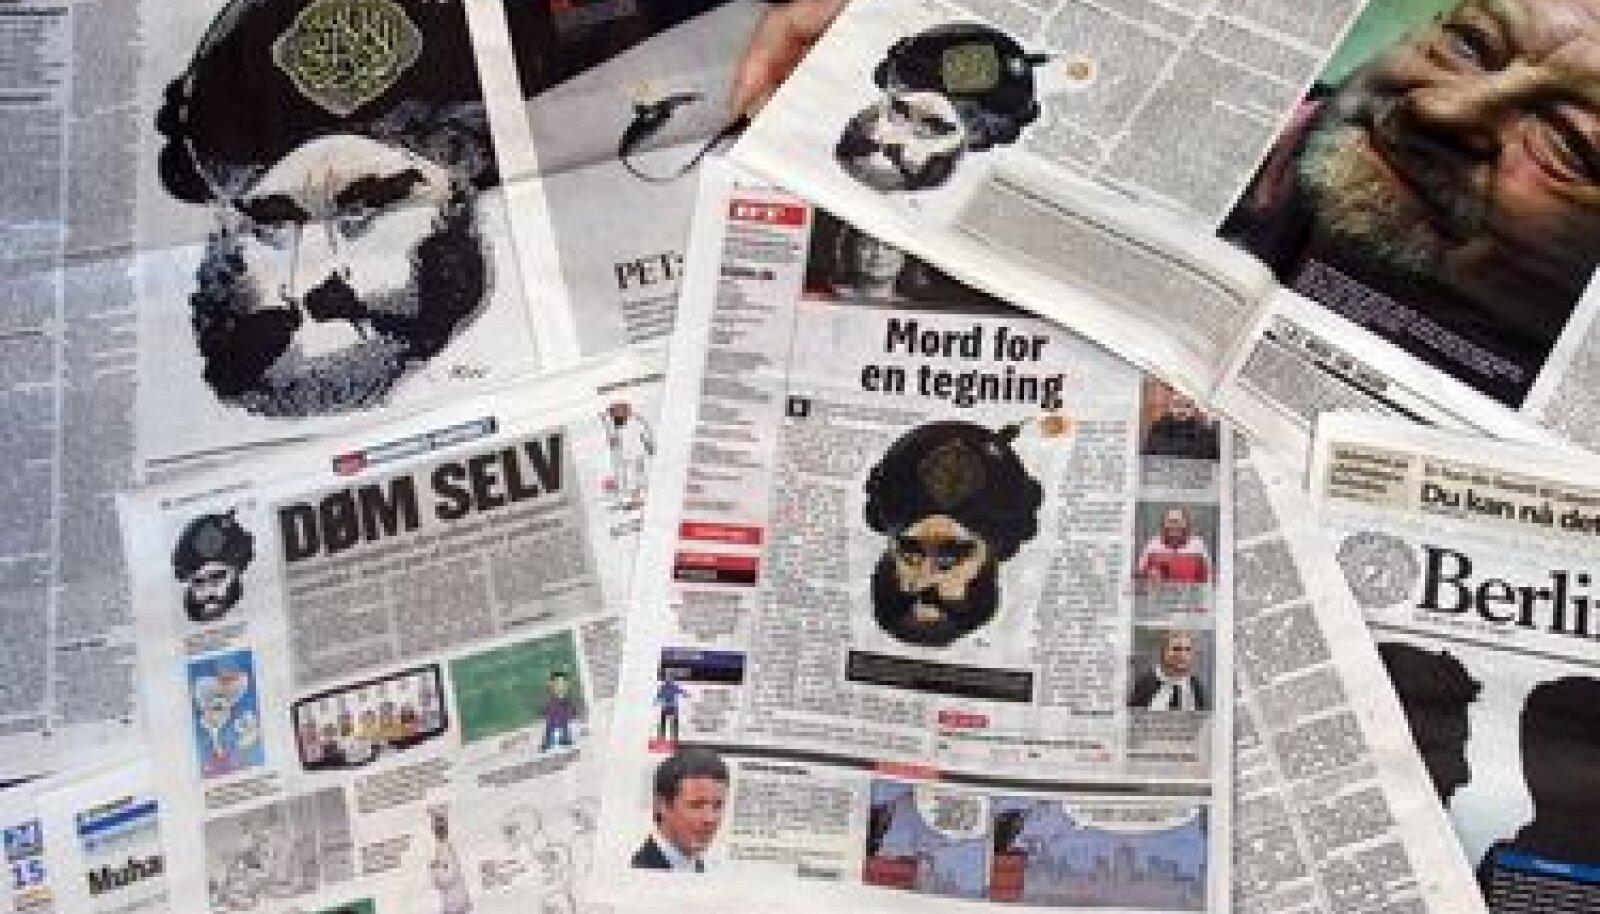 Taani ajalehtedes ilmunud prohvet Muhamedi karikatuurid